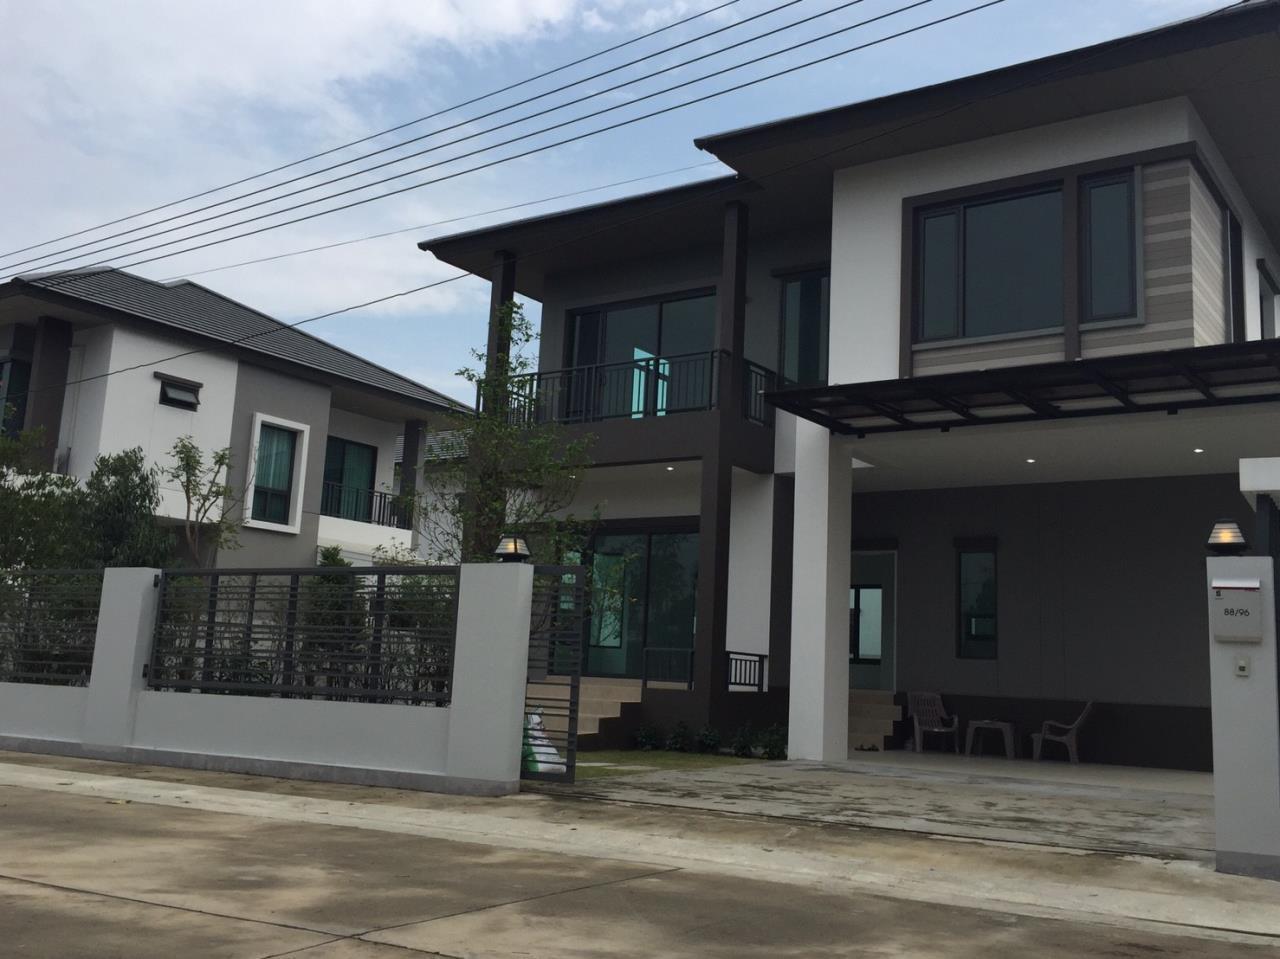 ขาย บ้าน แขวงศาลาธรรมสพน์ เขตทวีวัฒนา กรุงเทพมหานคร, ภาพที่ 1